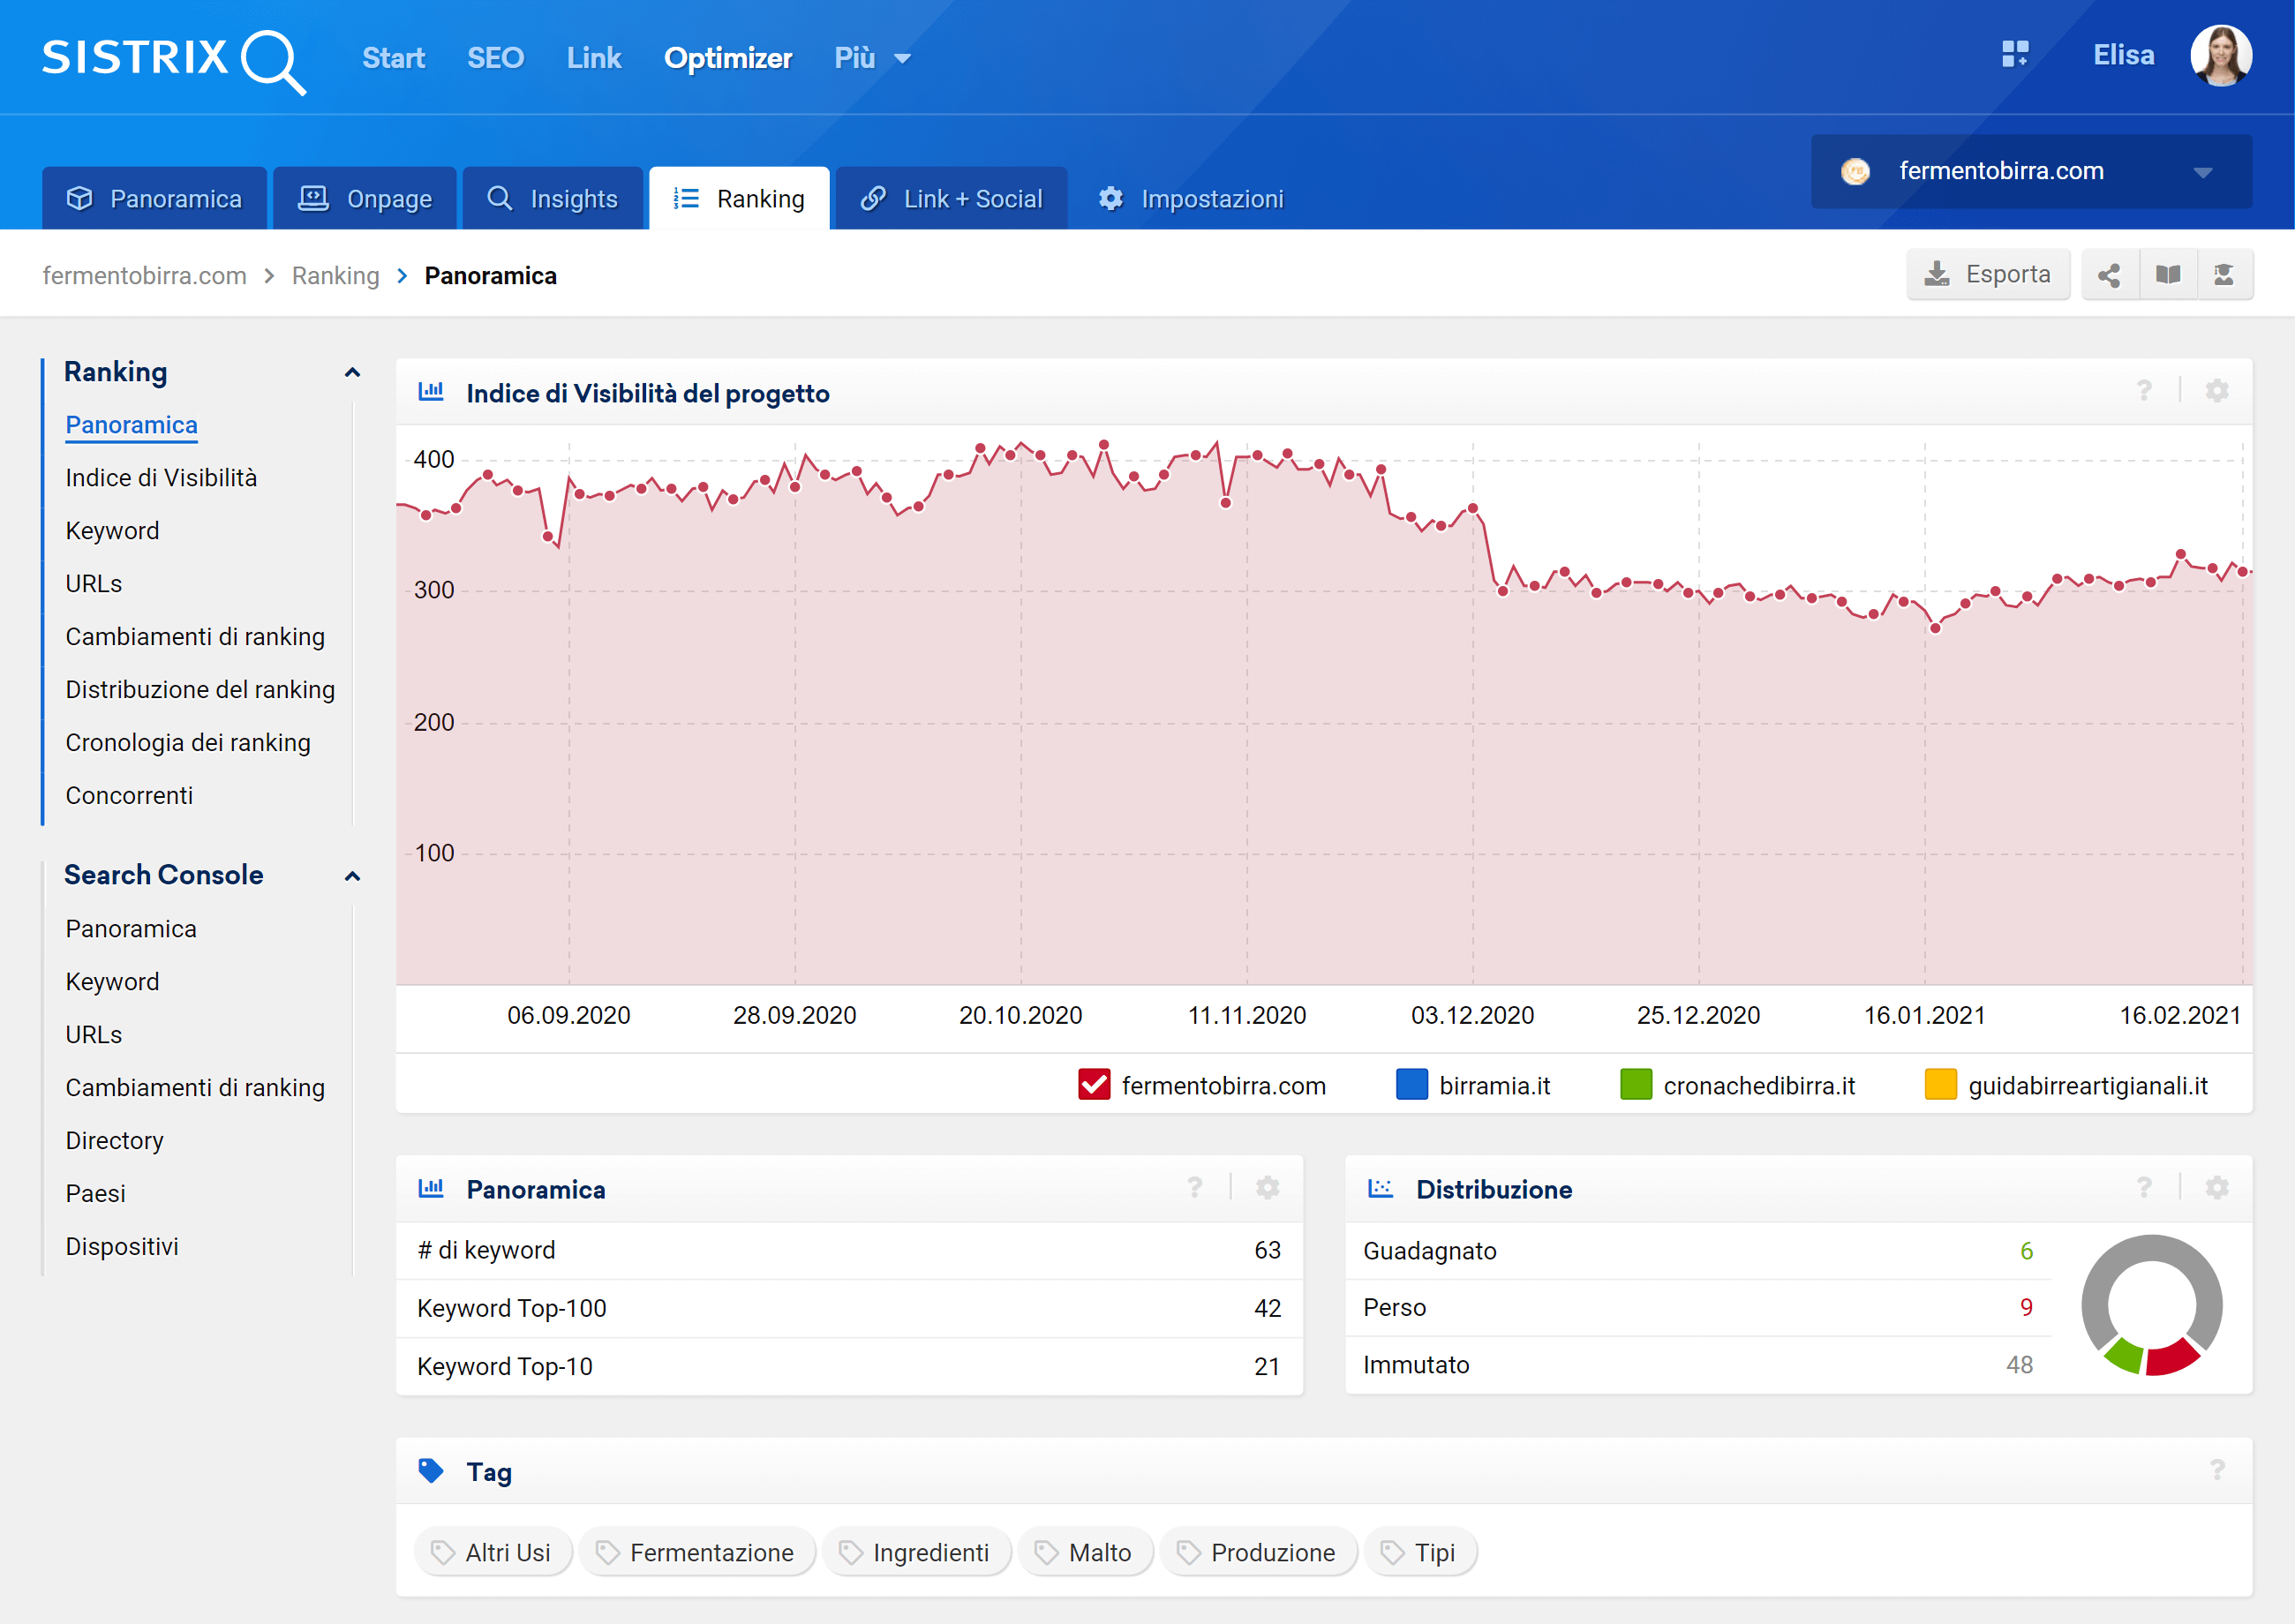 Indice di Visibilità del progetto